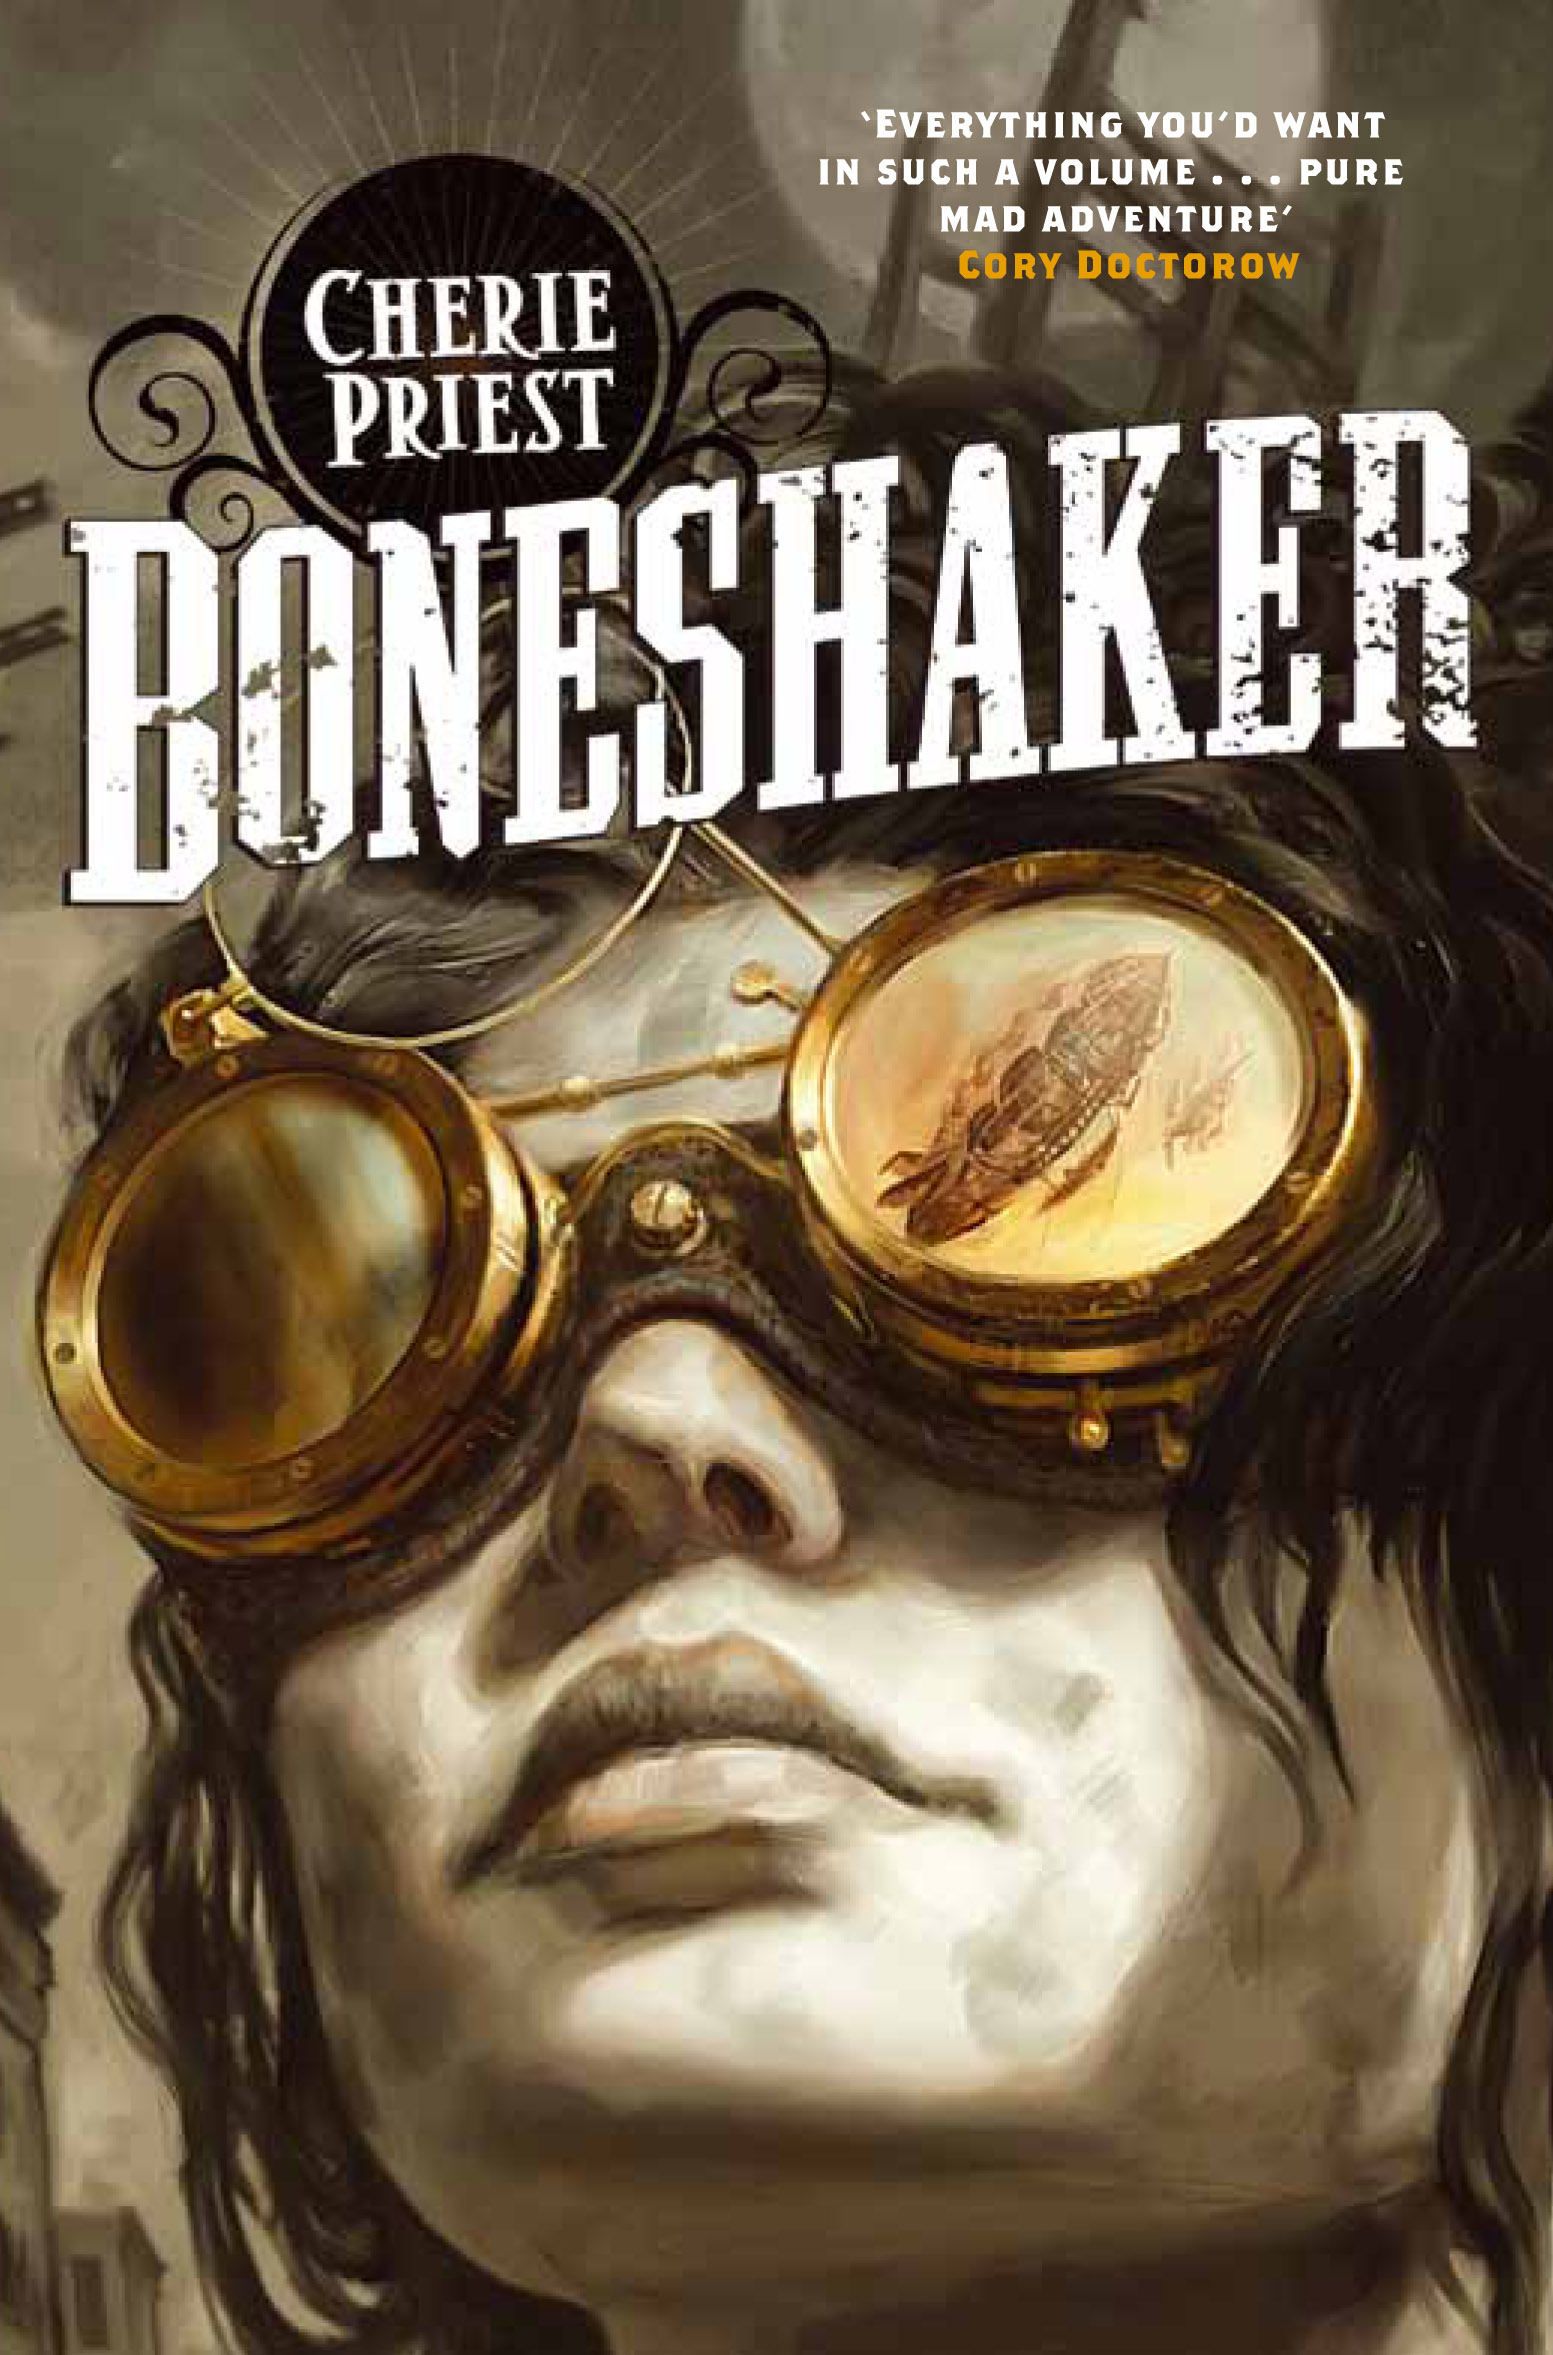 Cherie Priest Boneshaker